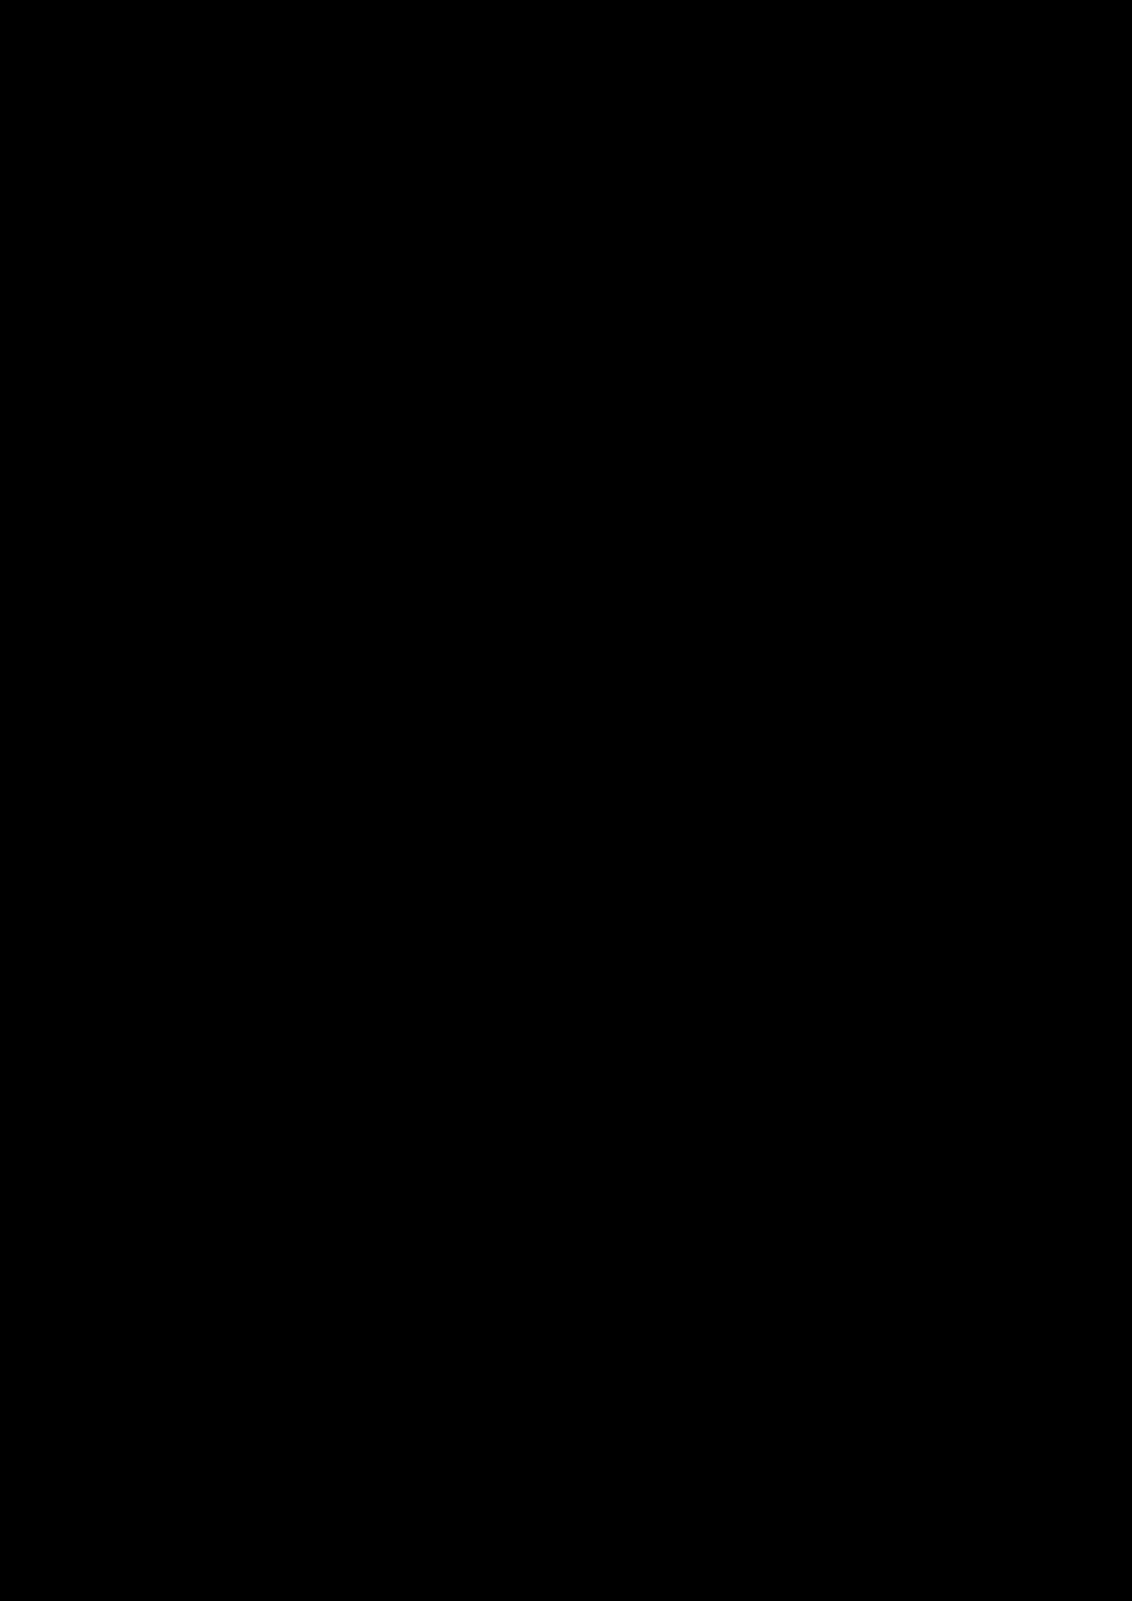 Prolog slide, Image 22